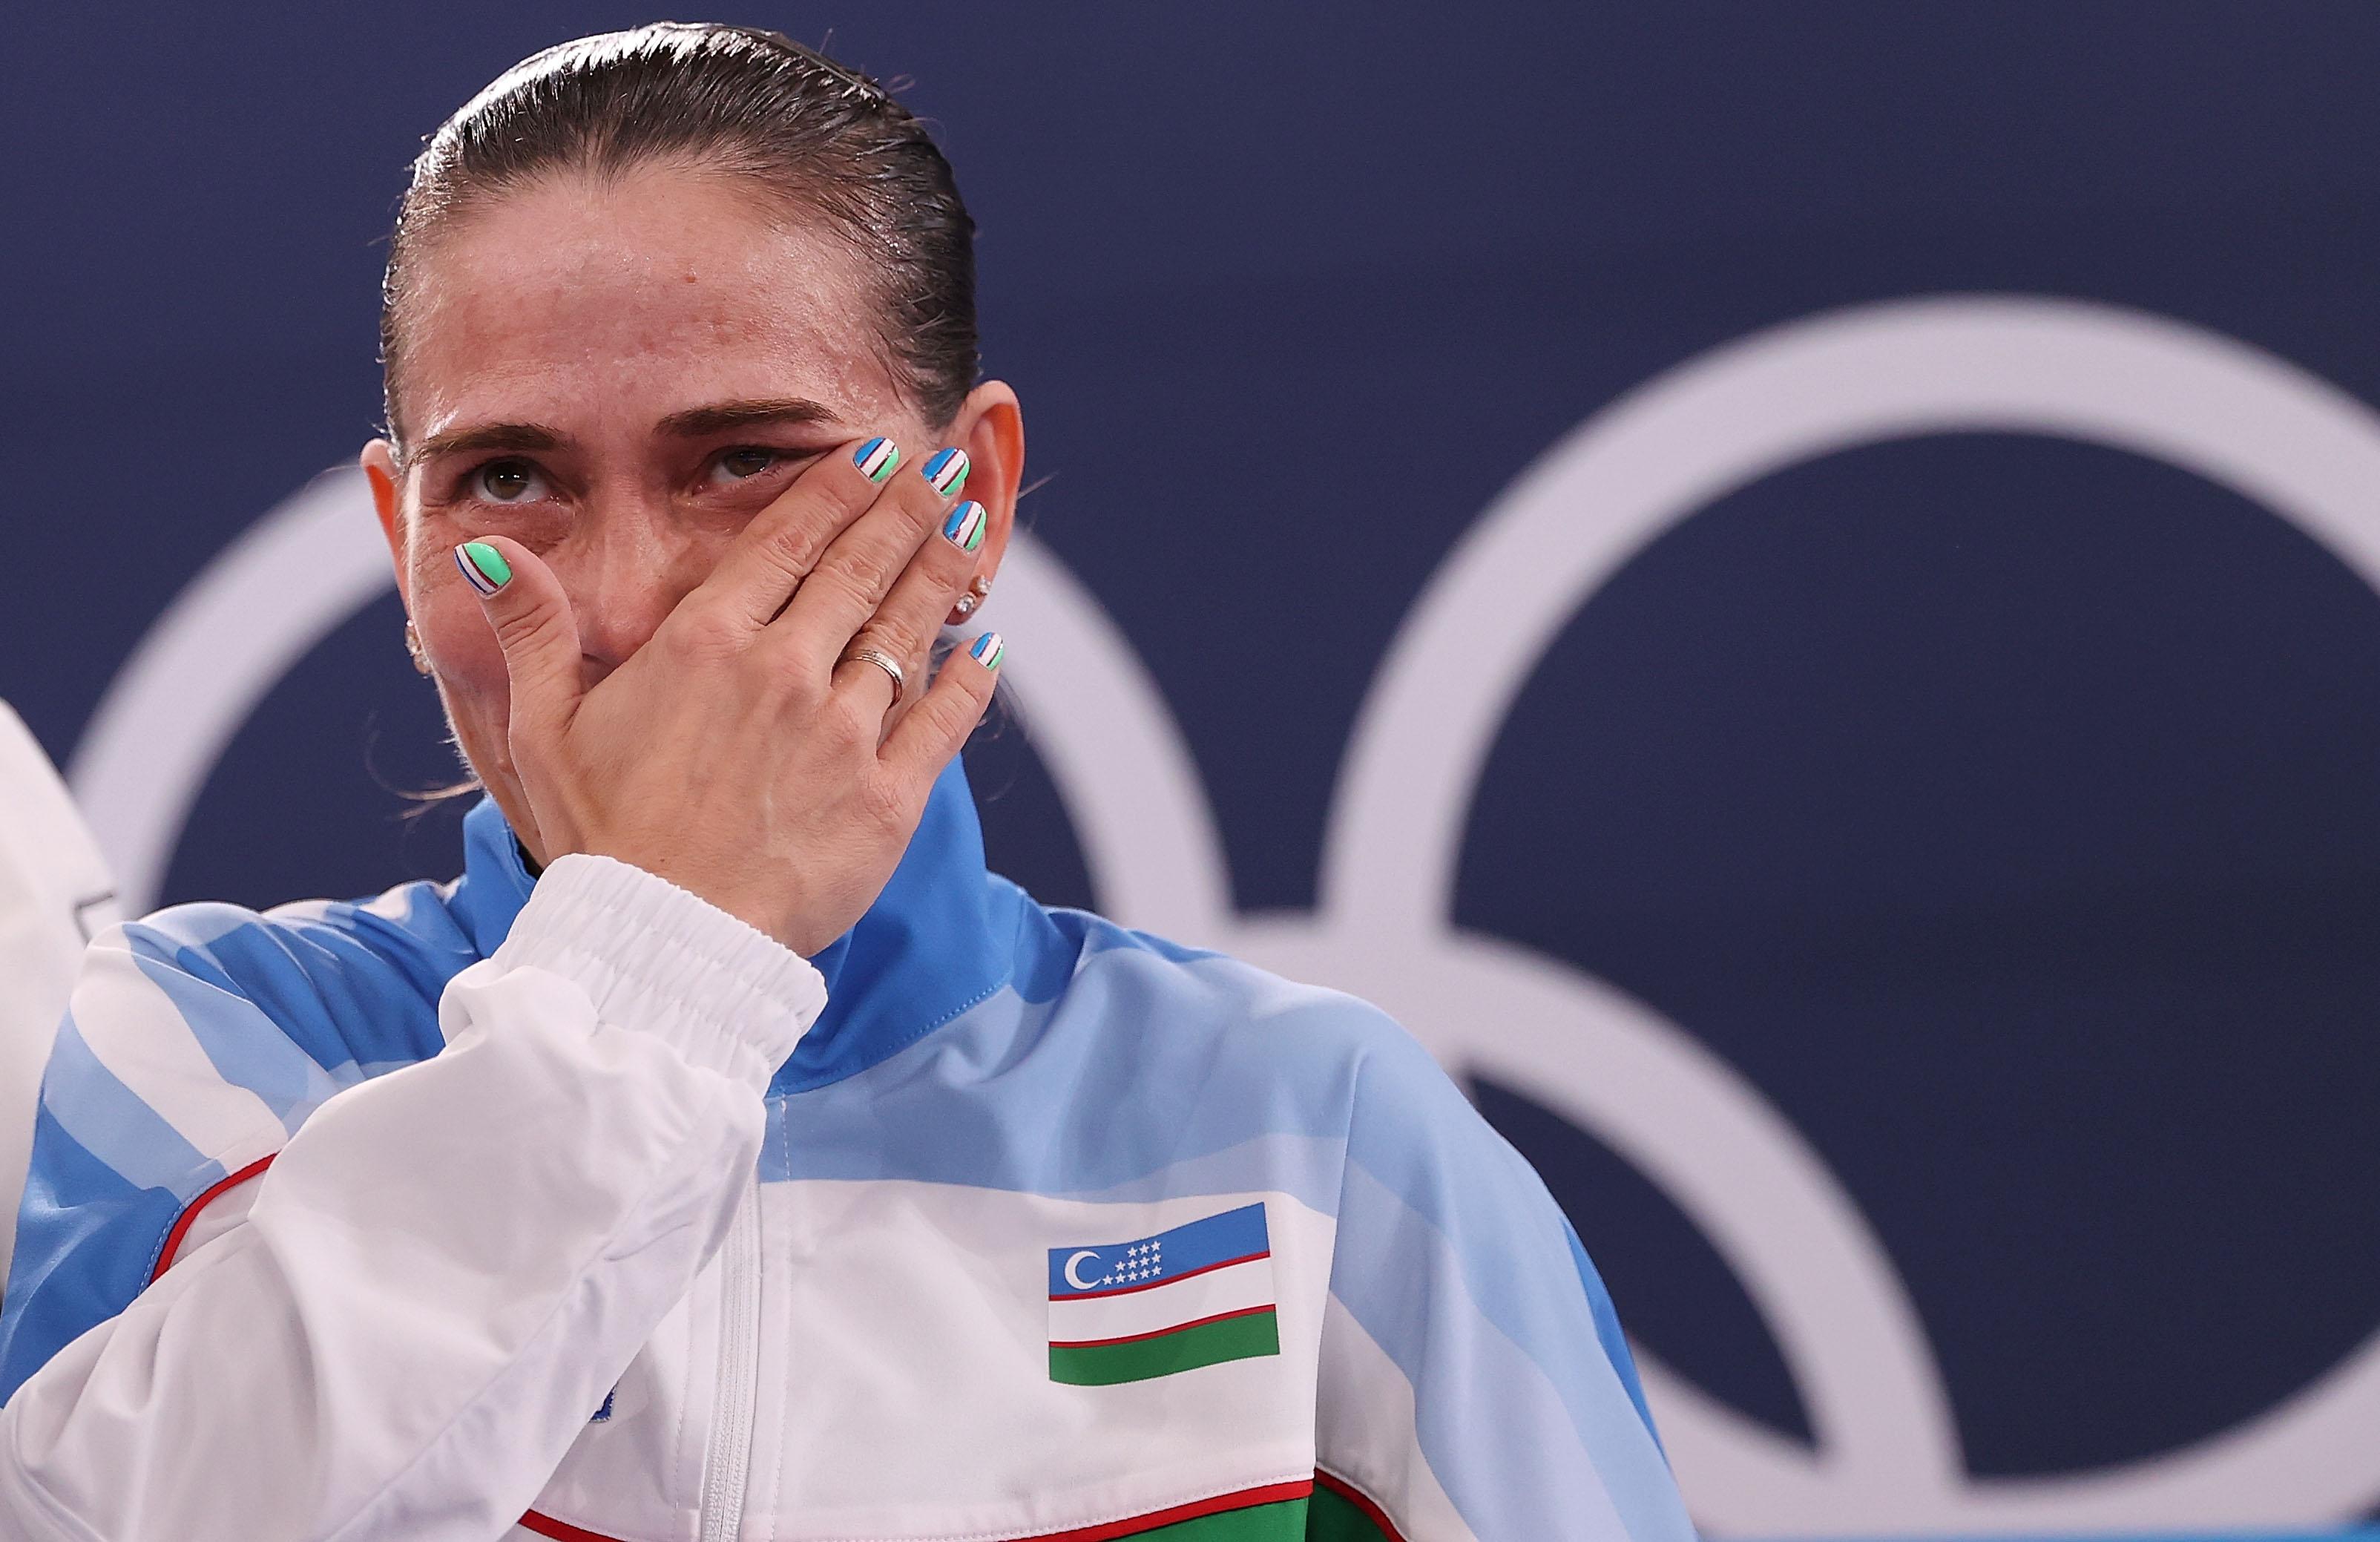 7月25日,丘索维金娜在比赛后流泪。新华社记者 曹灿 摄